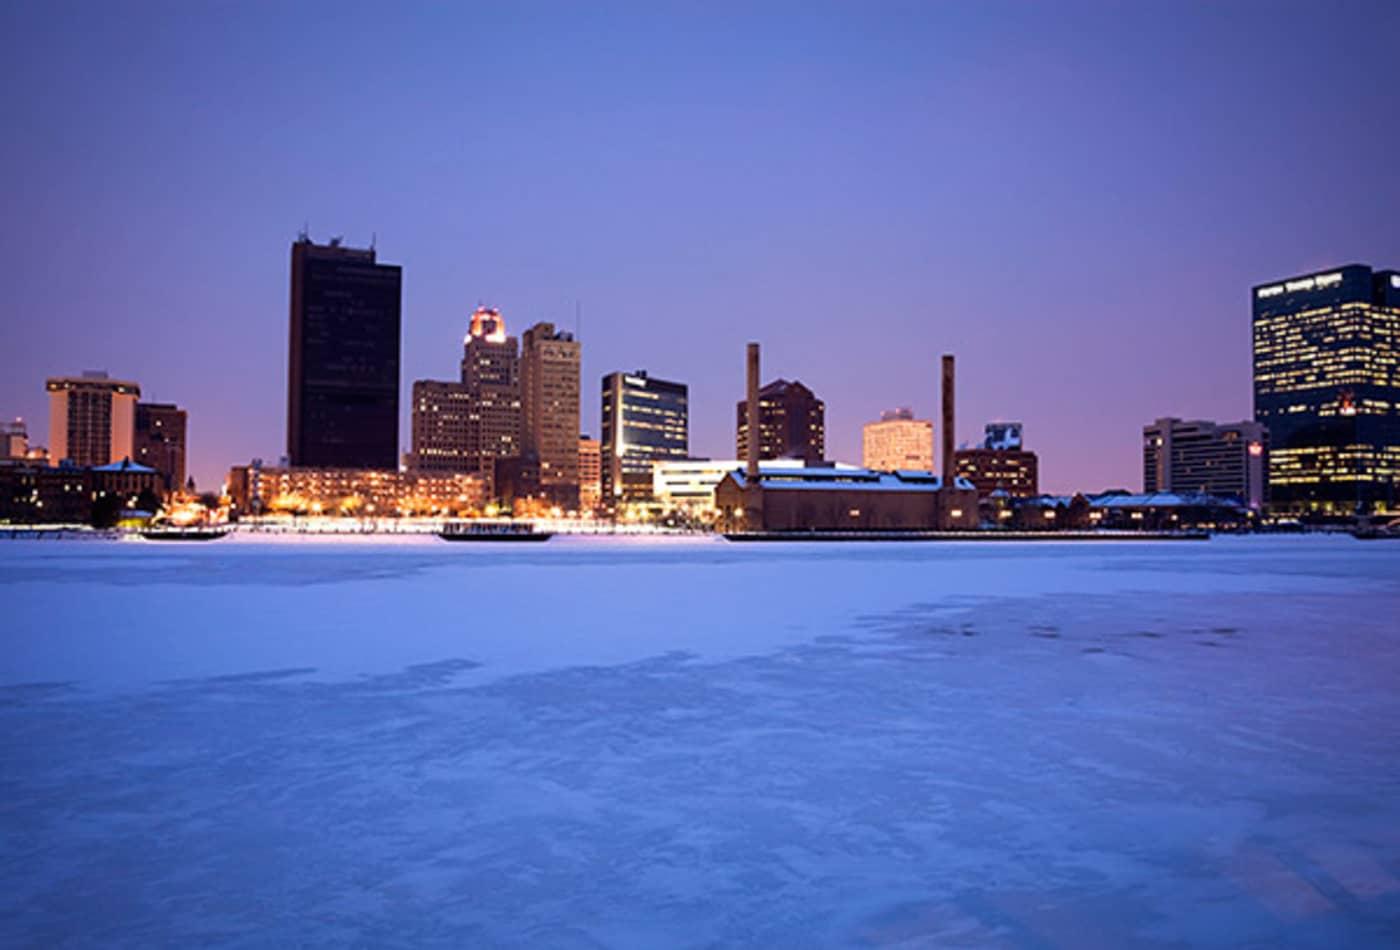 10-emptiest-us-cities-2012-toledo.jpg